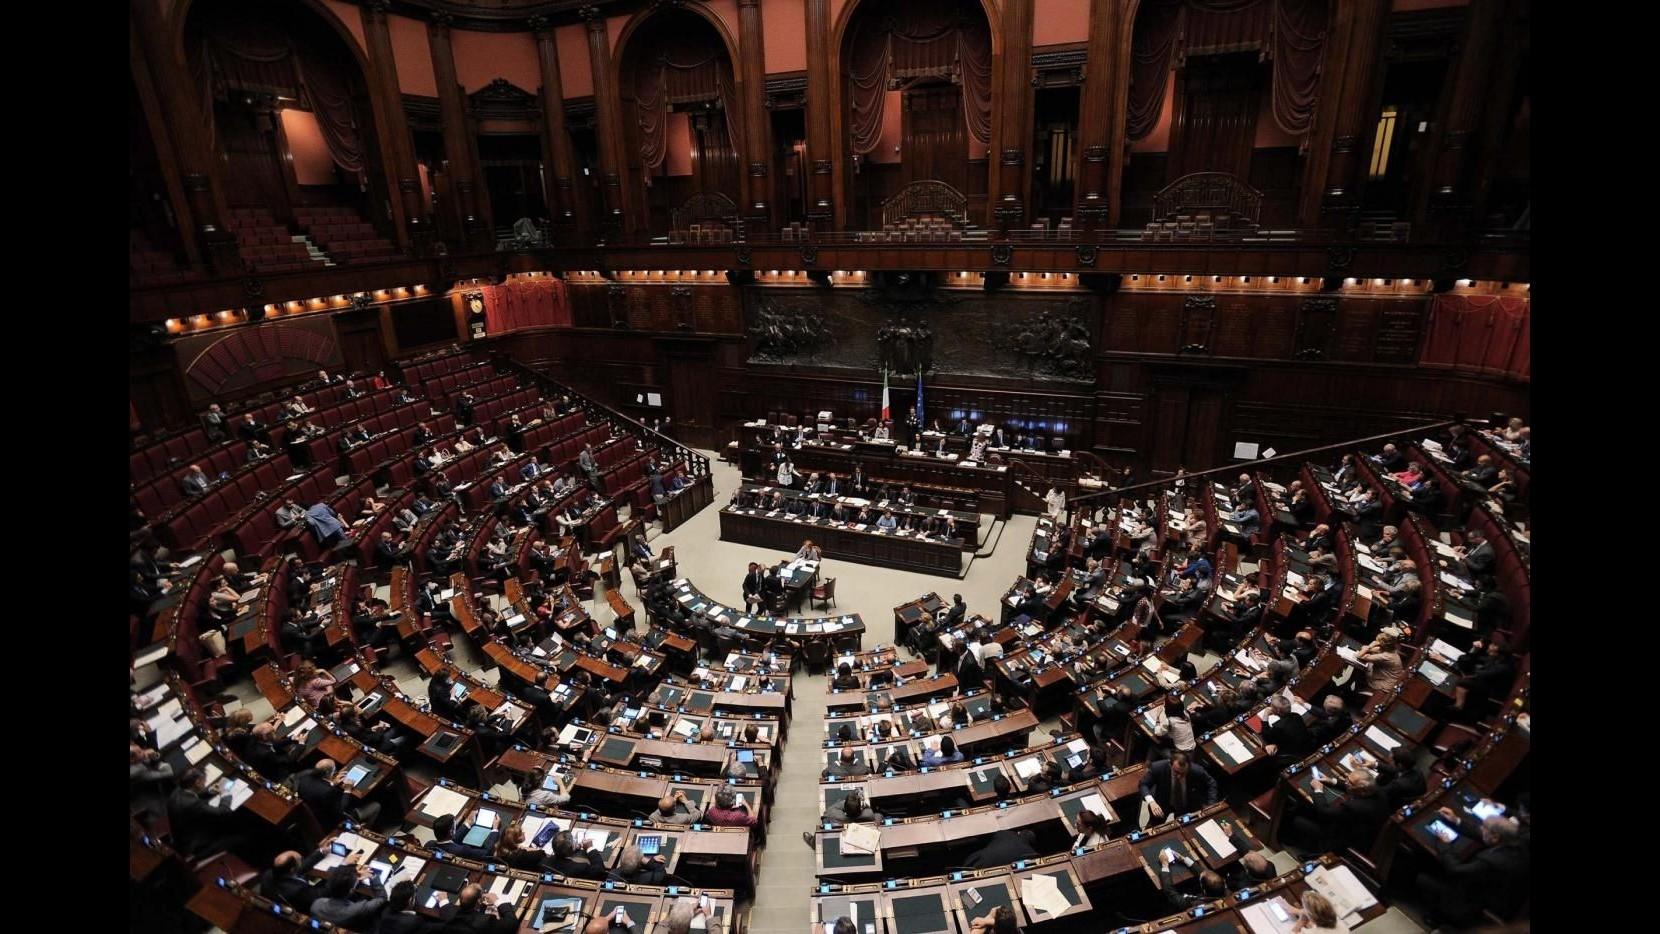 Banche, Forza Italia non parteciperà a voto sfiducia Boschi